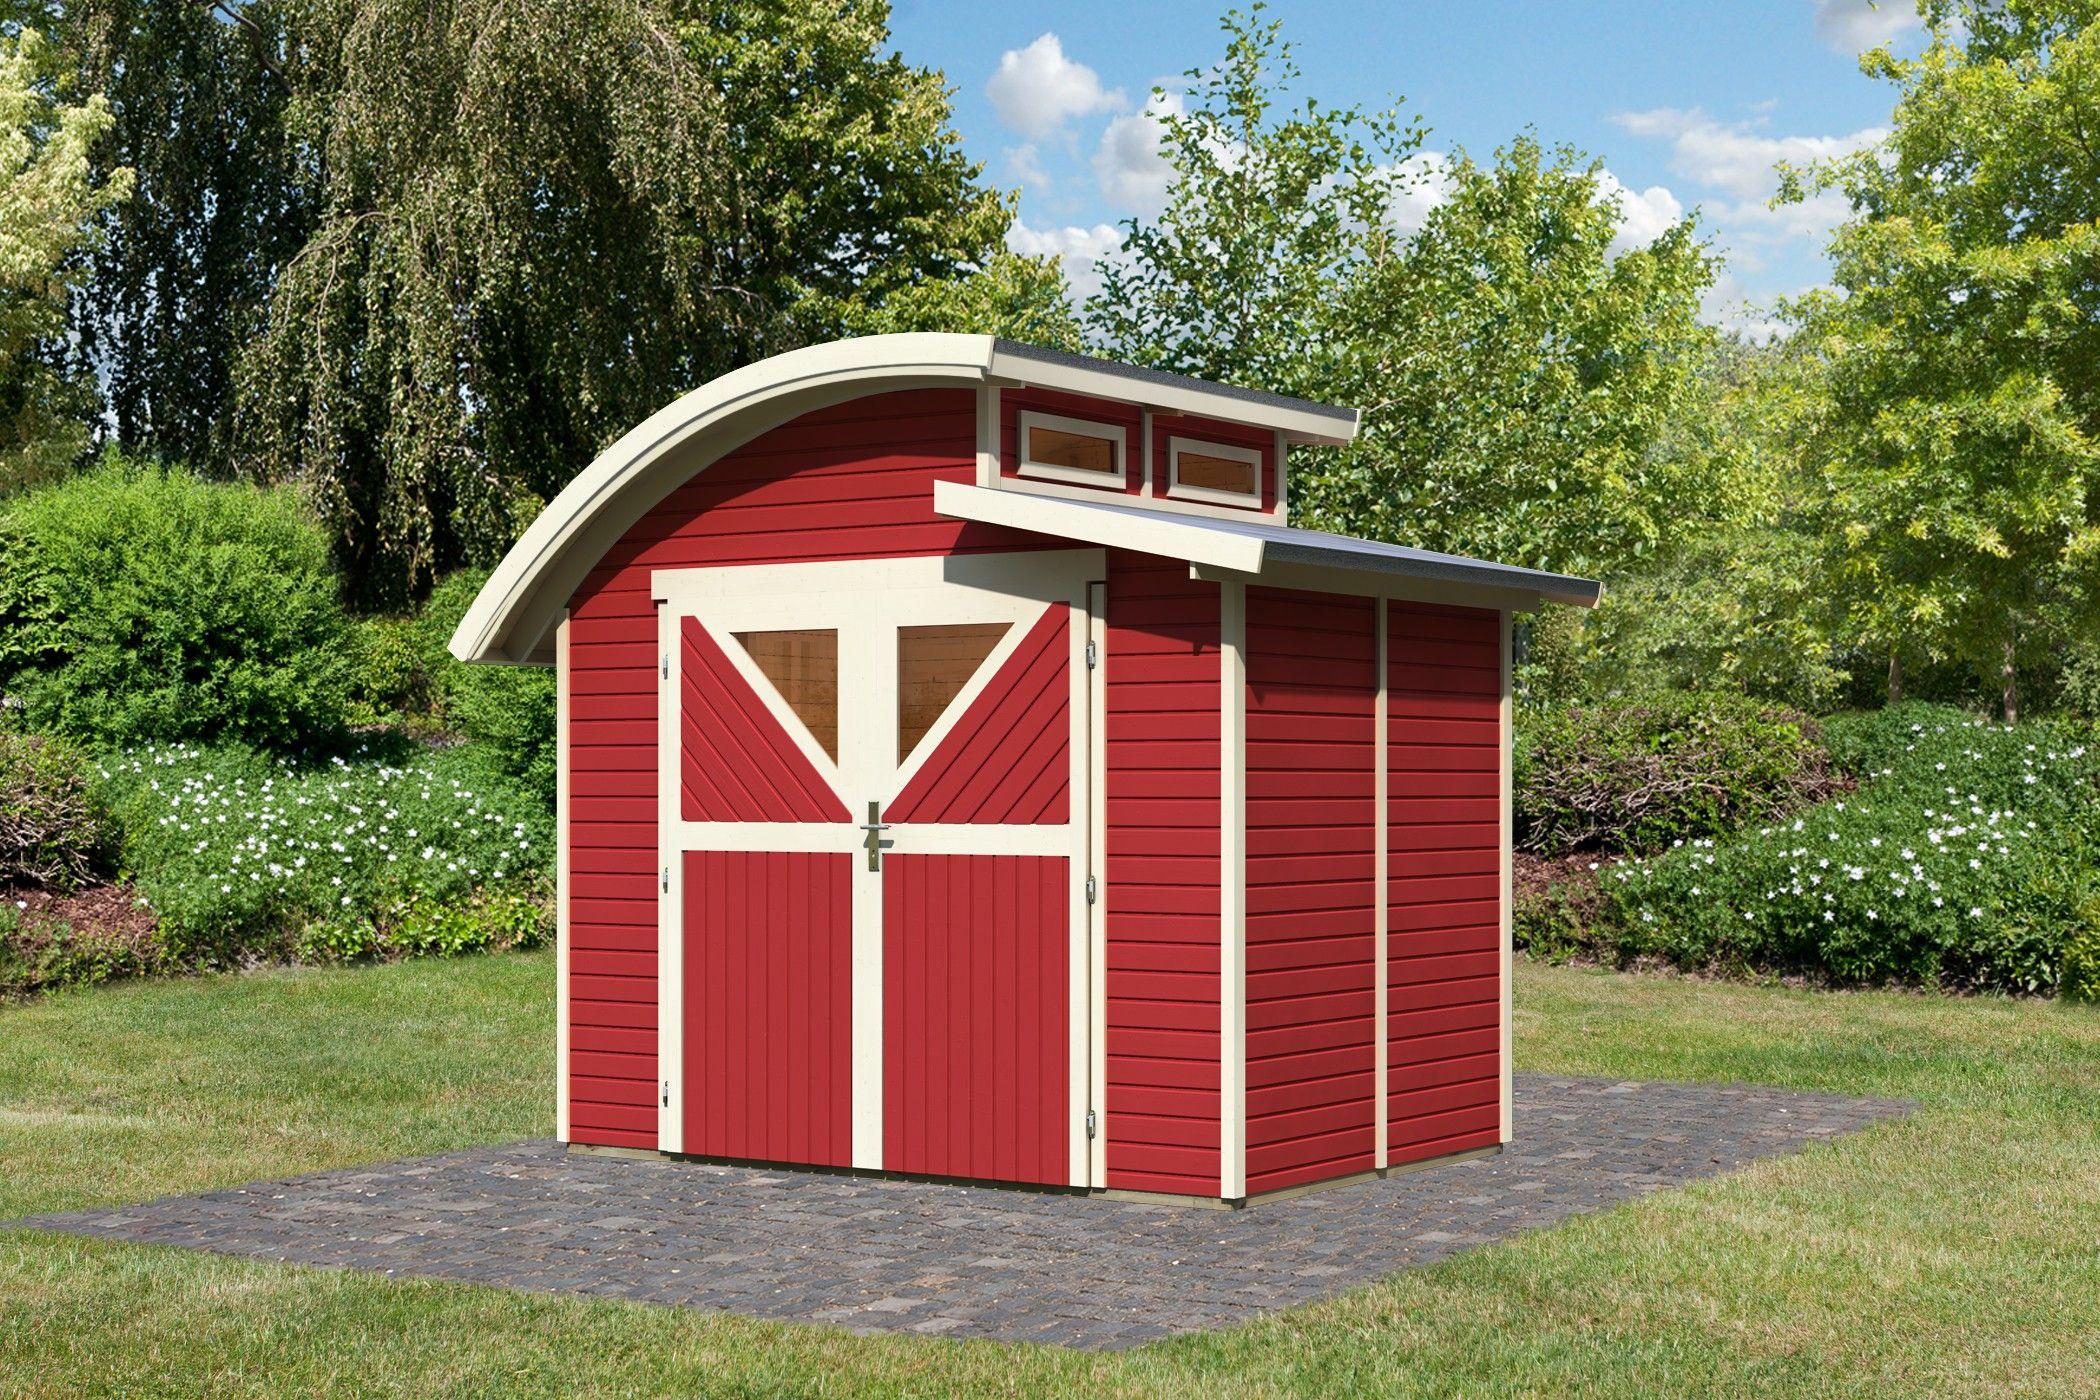 Chalet de jardin rouge m 19mm mellum 2 karibu prix 1730 contactez nous au - Baraque de jardin ...